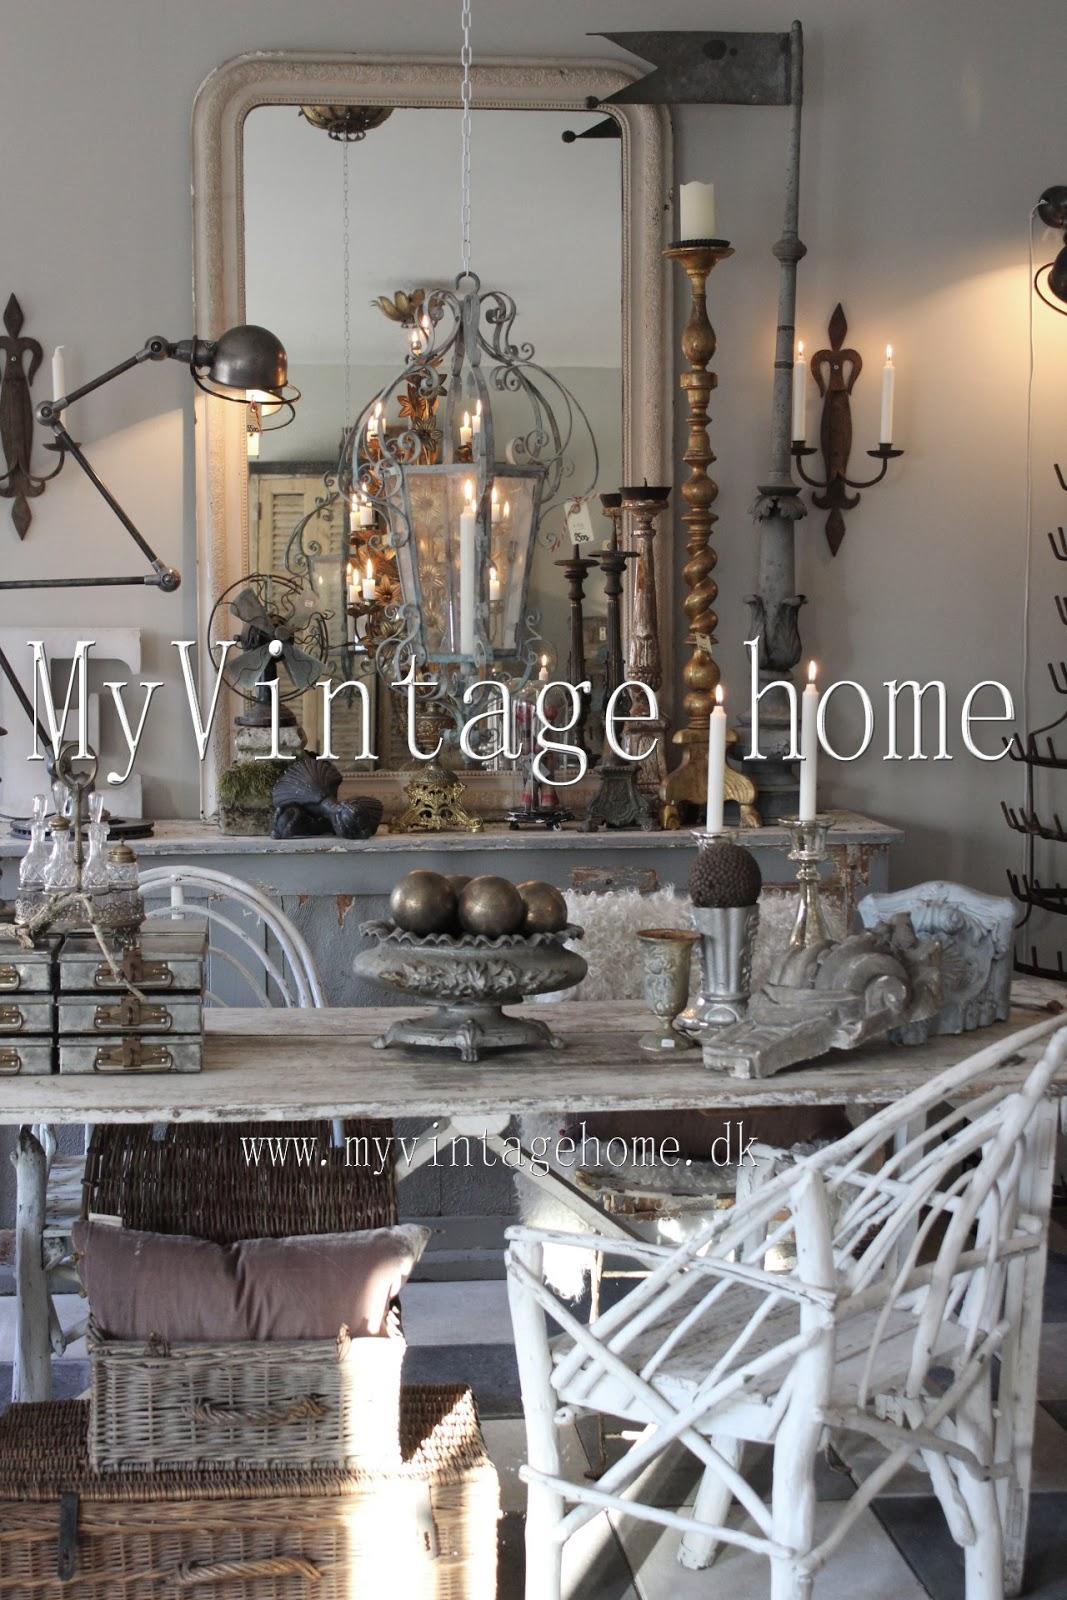 #866645 Bedst My Vintage Home: Fransk Antik & Vintage Hvid Vintage Rå Industriel St  Fransk Landkøkken Stil 4823 106716004823